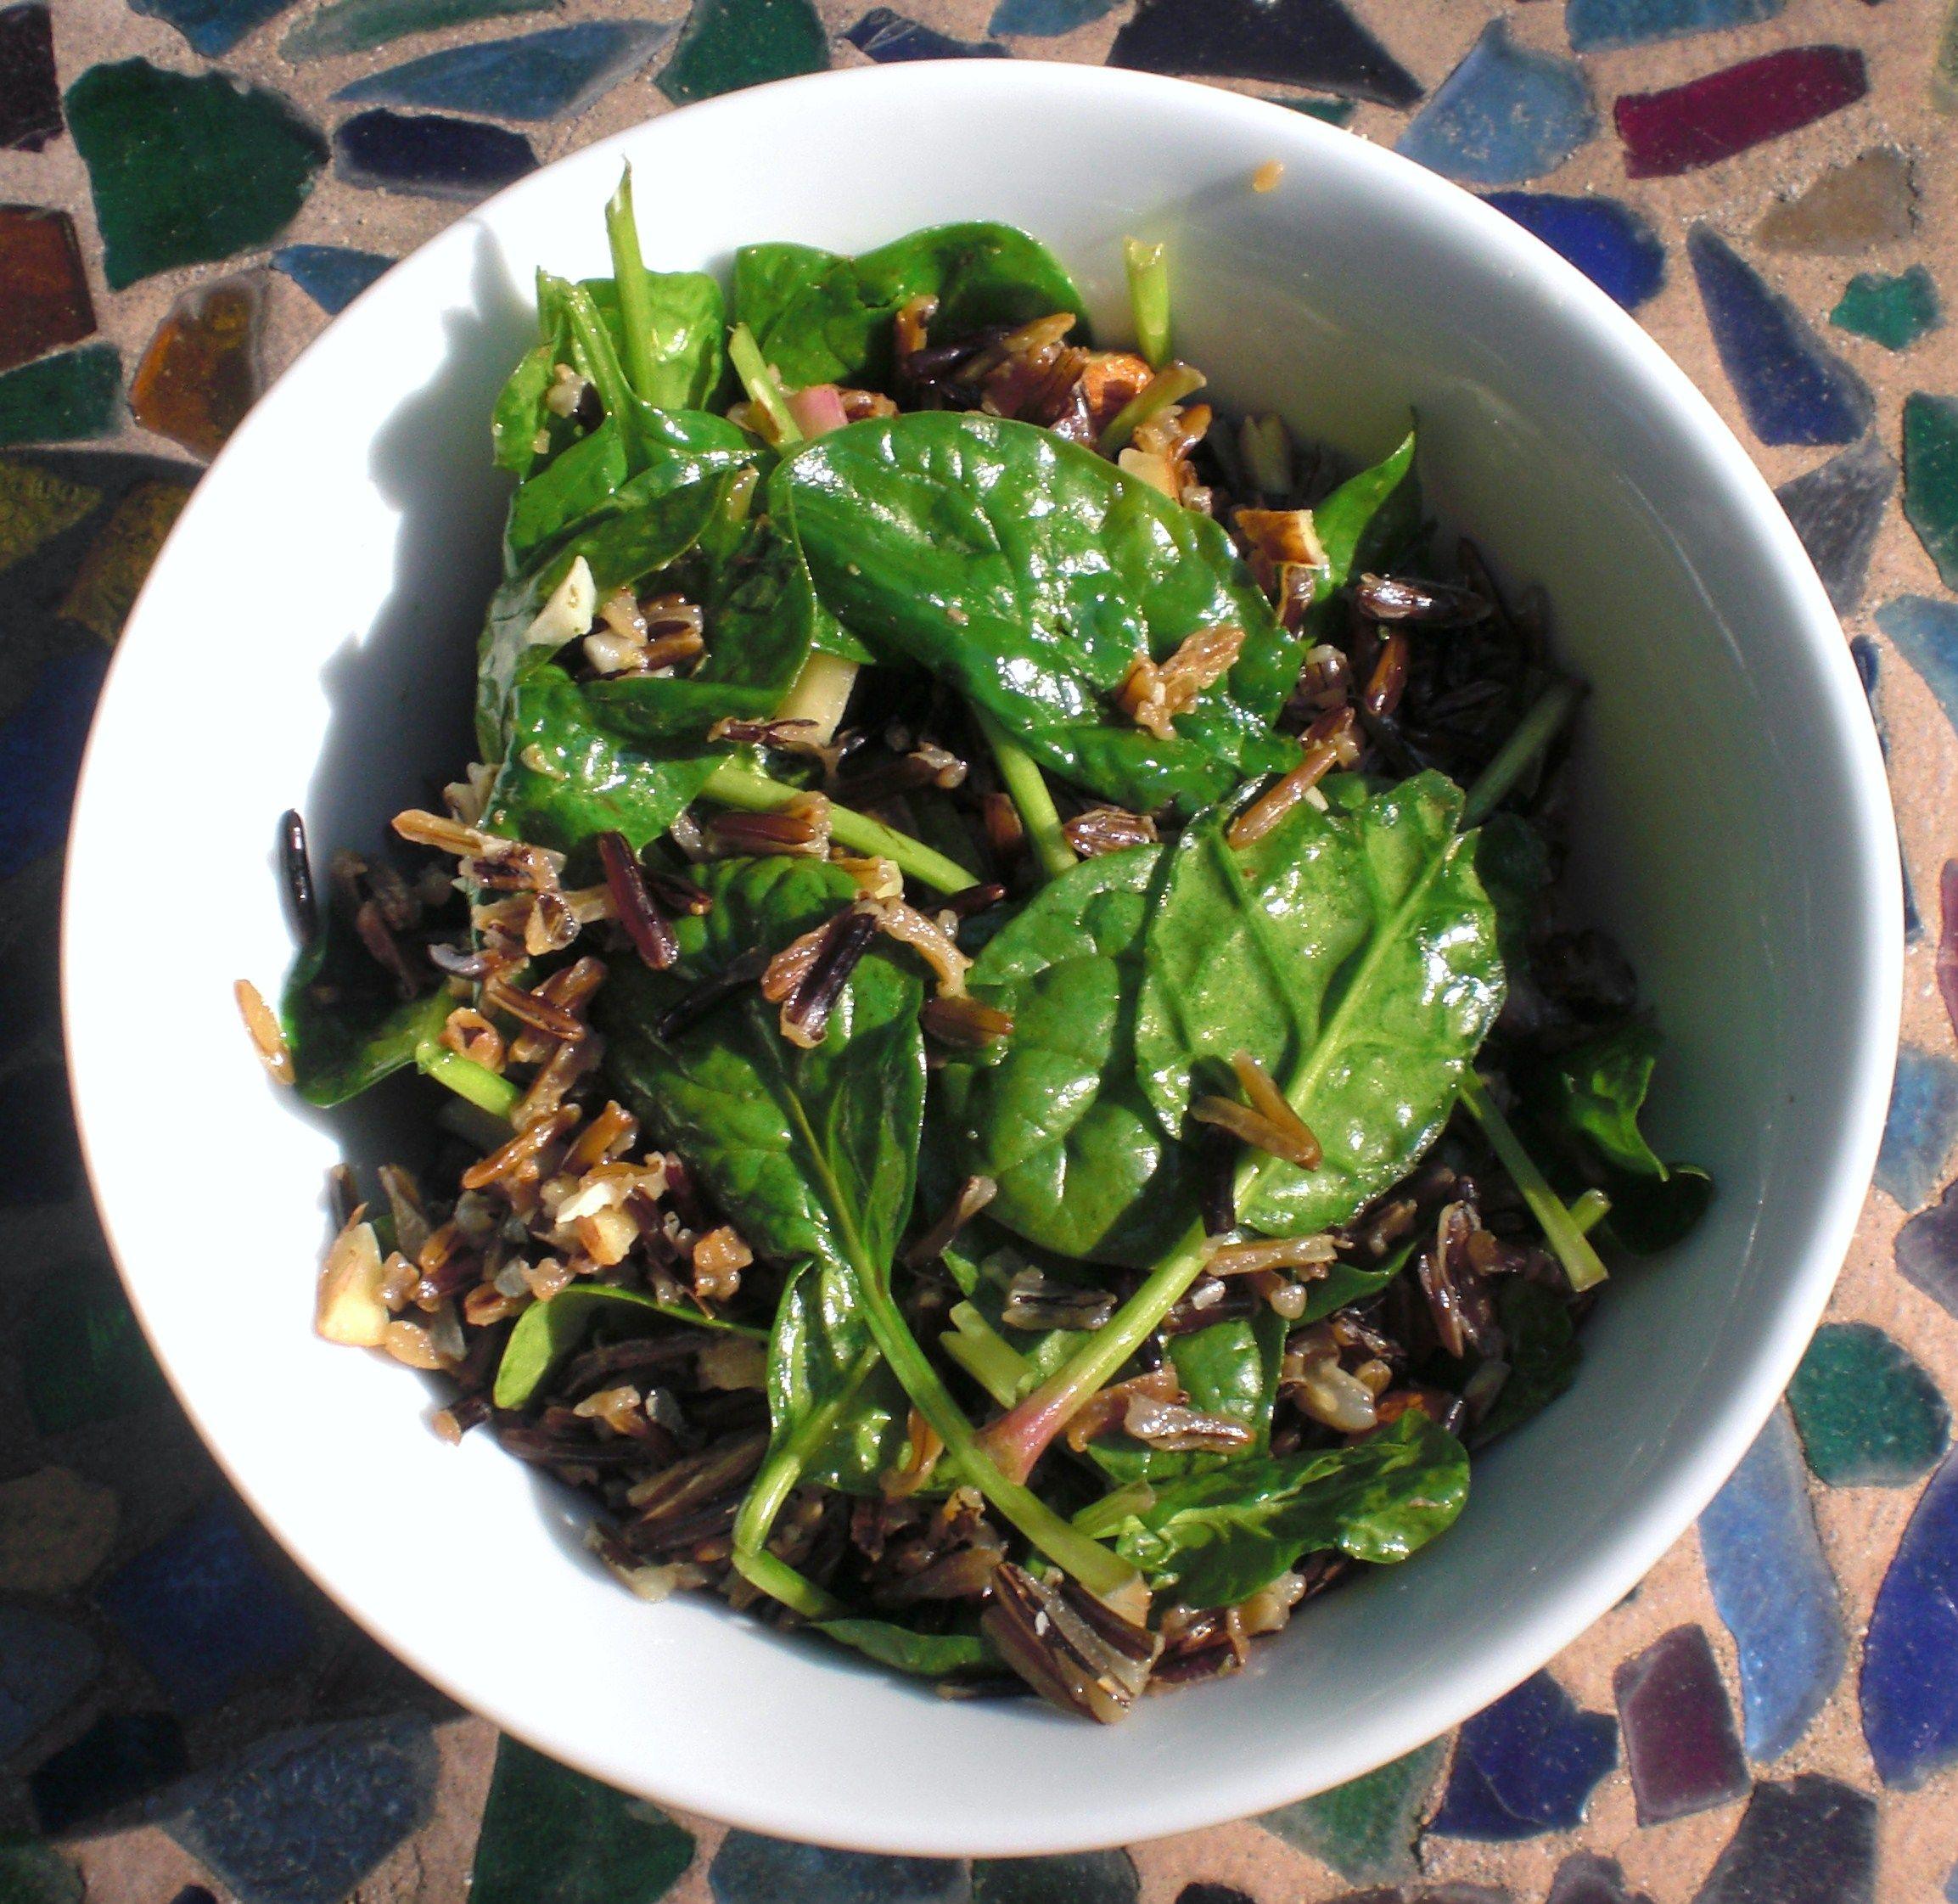 spinach wild rice salad